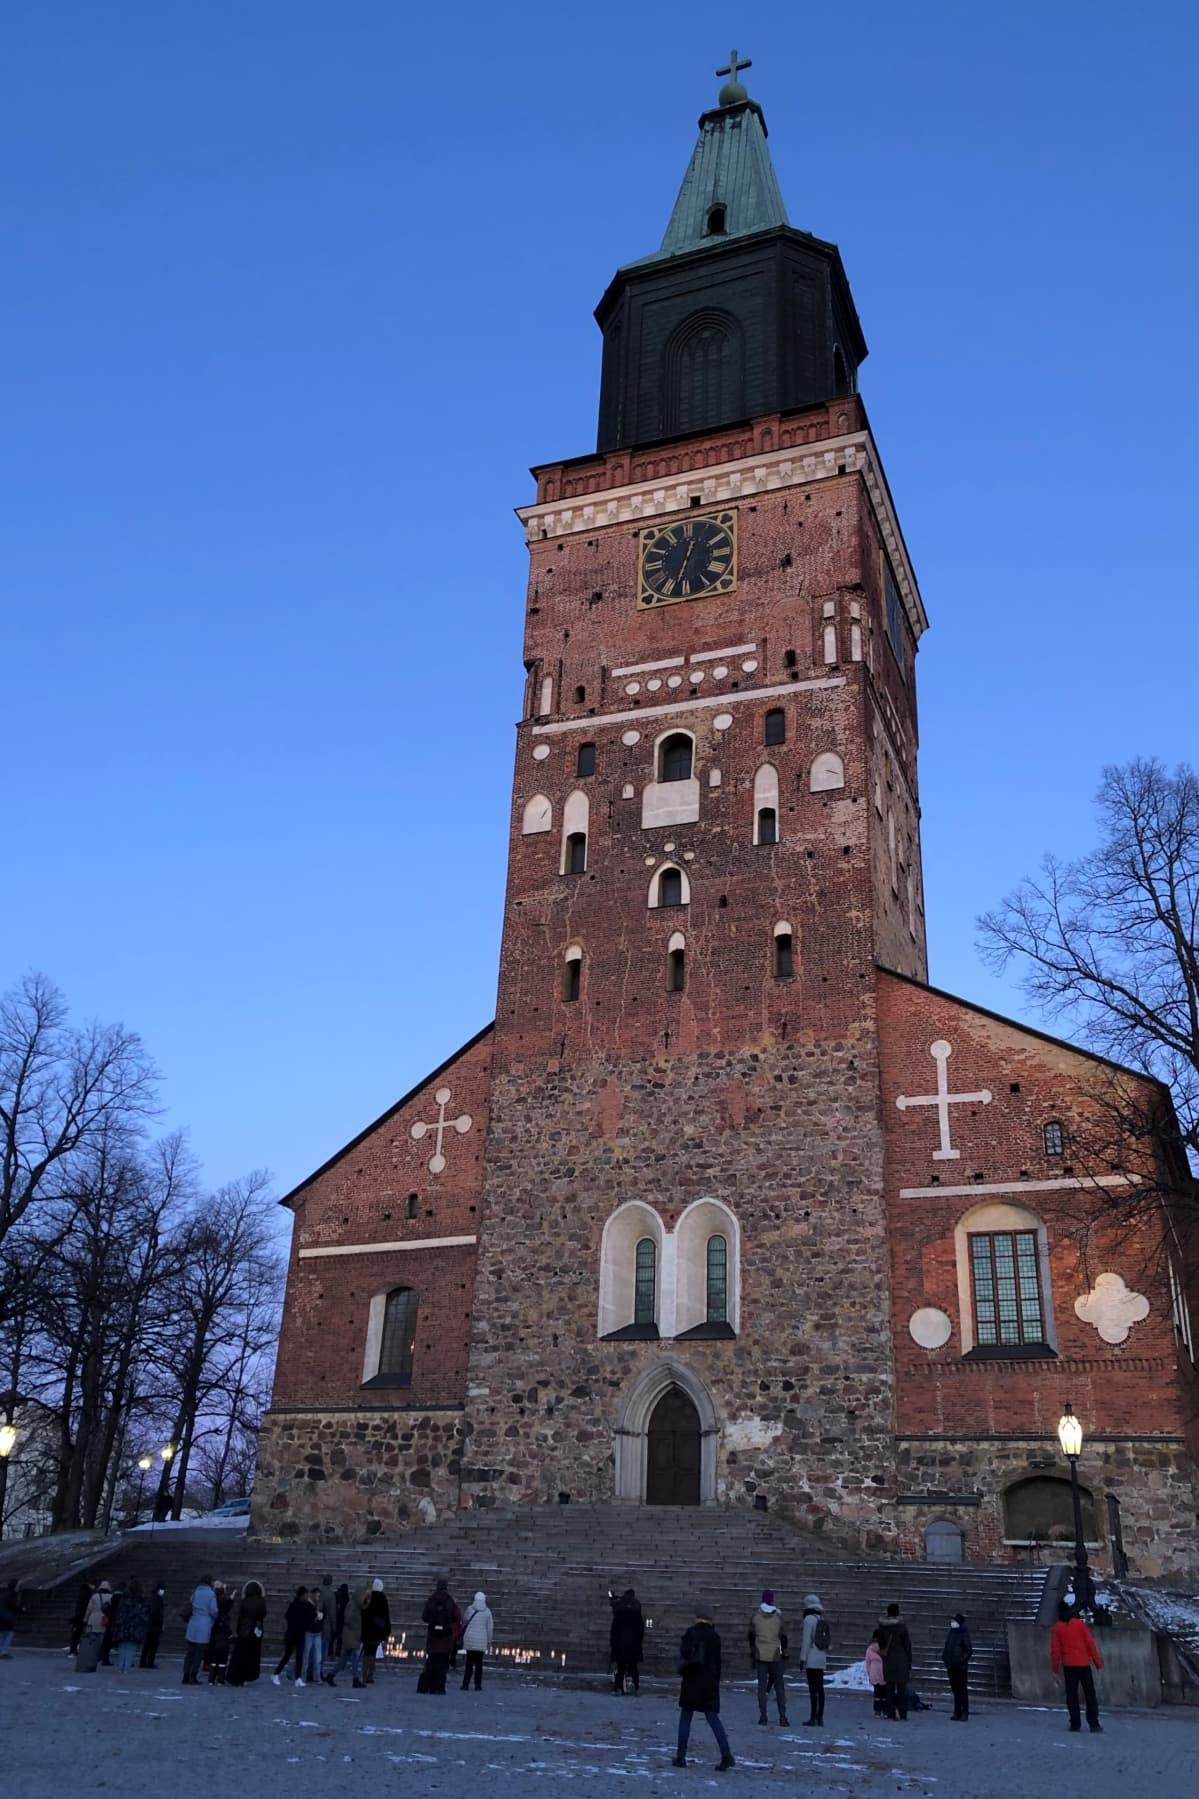 Turun tuomiokirkon edessä sytytettiin kynttilöitä 5.3.2021